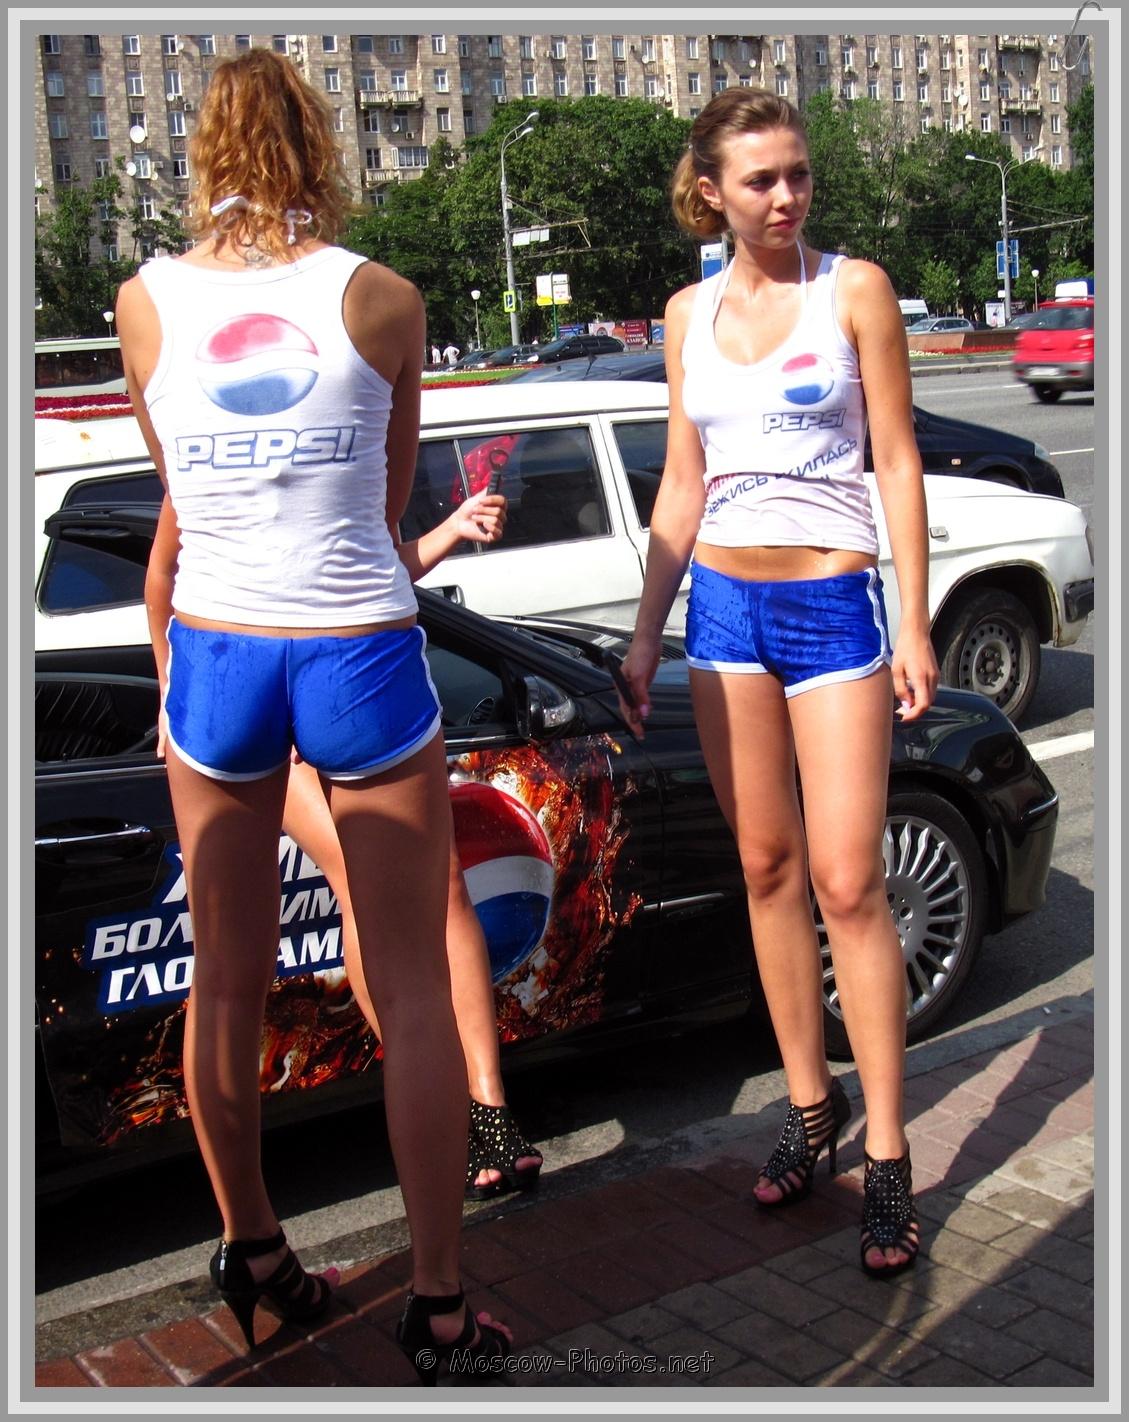 Pepsi Girls